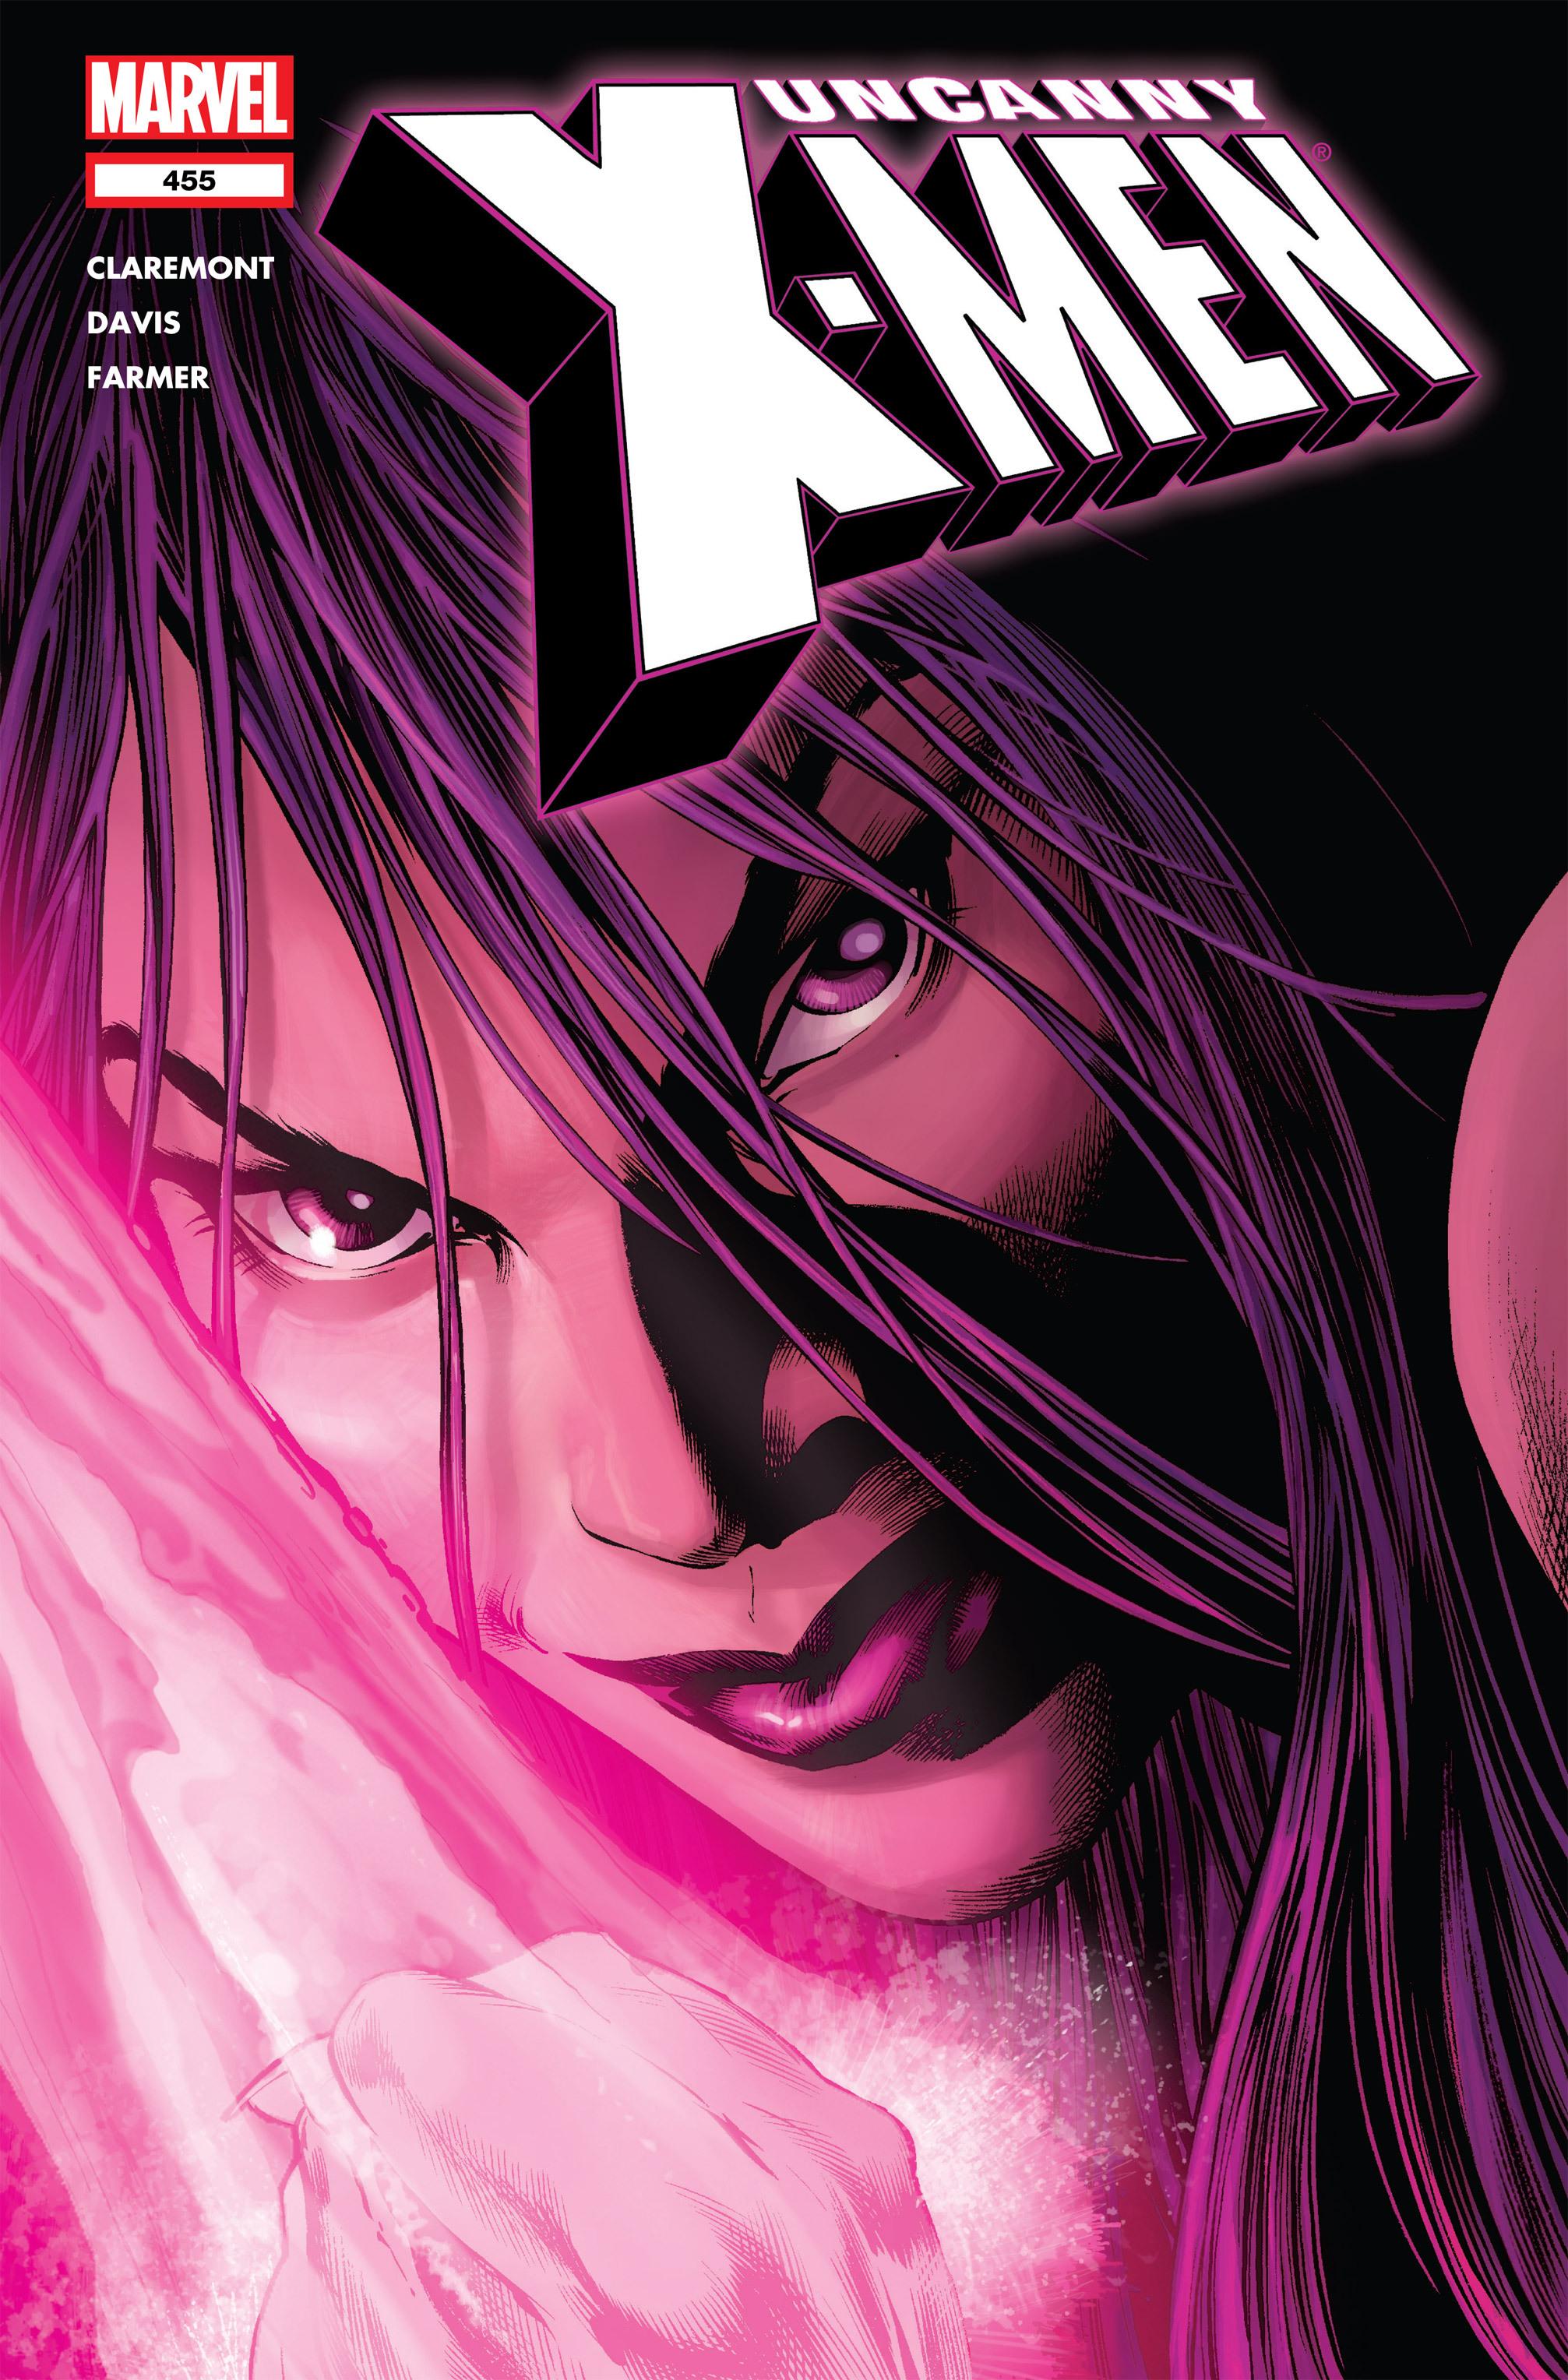 Read online Uncanny X-Men (1963) comic -  Issue #455 - 1